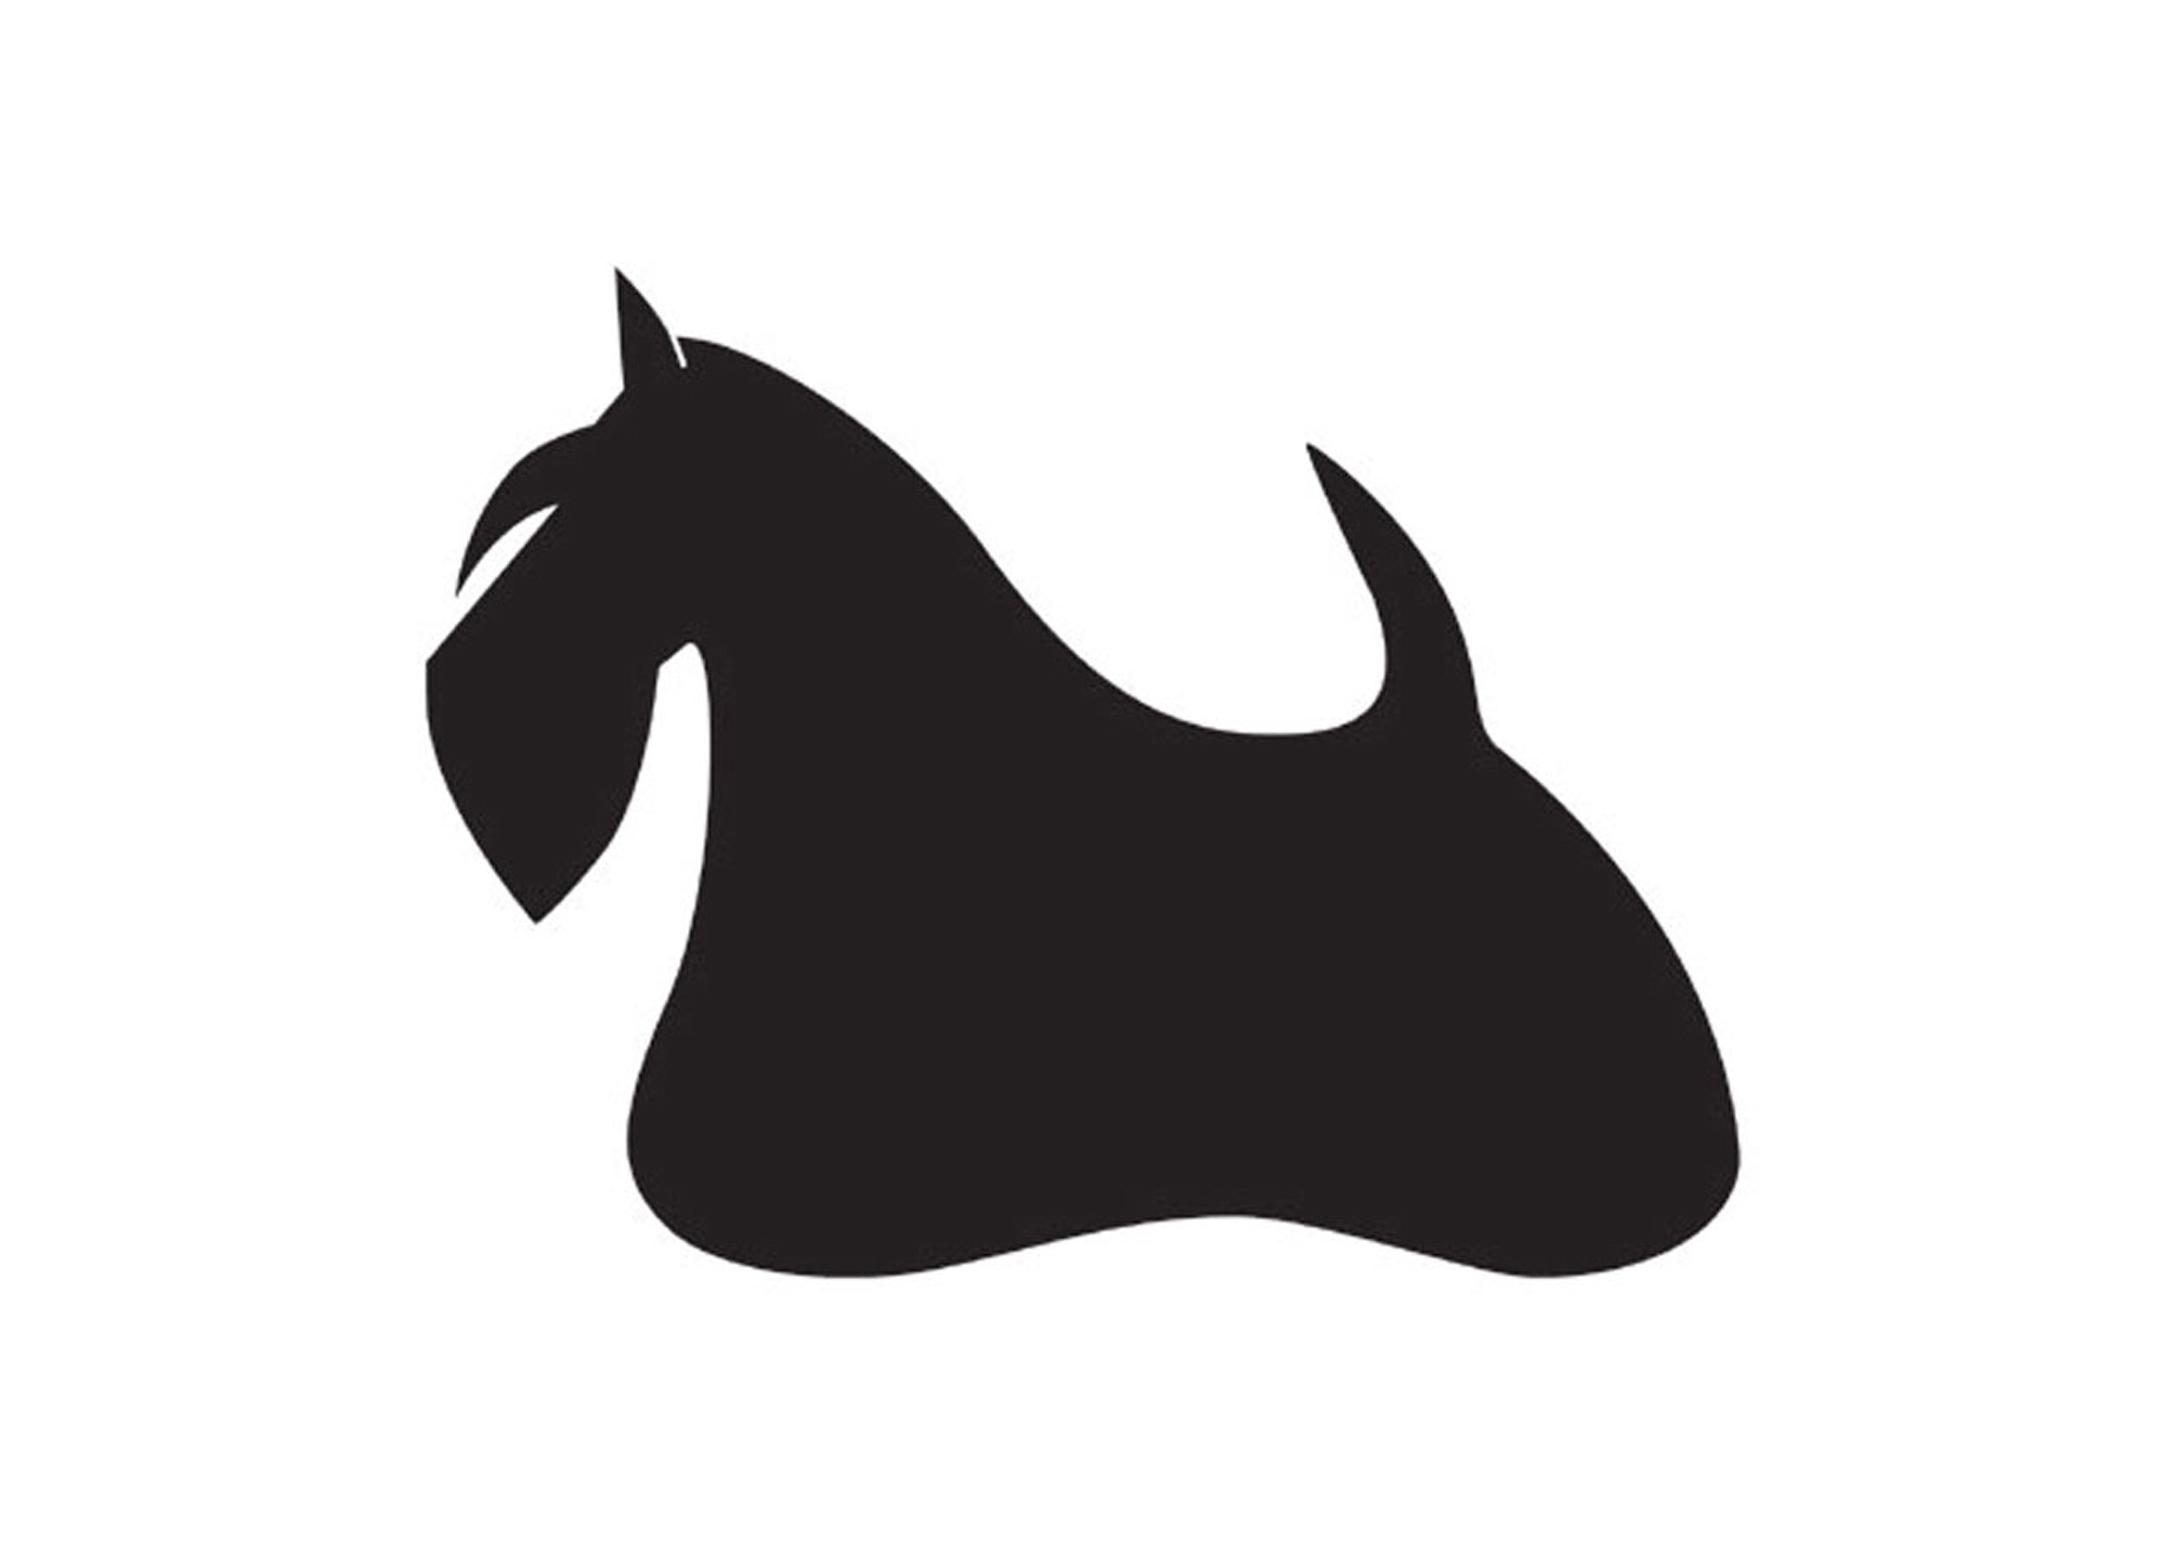 K-design Scottish Terrier Sticker For Groomers